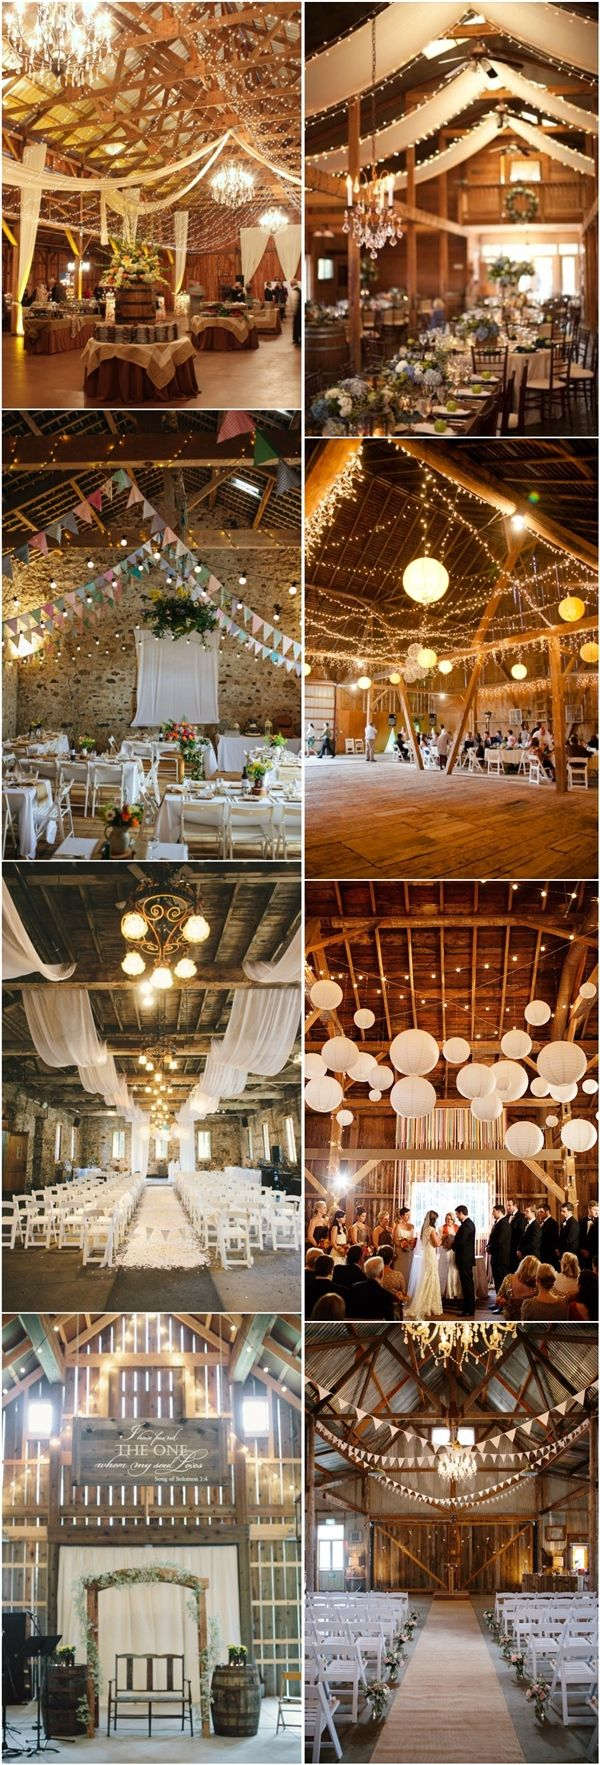 Wedding Ideas Rustic Barn Wedding Ideas Country Barn Wedding